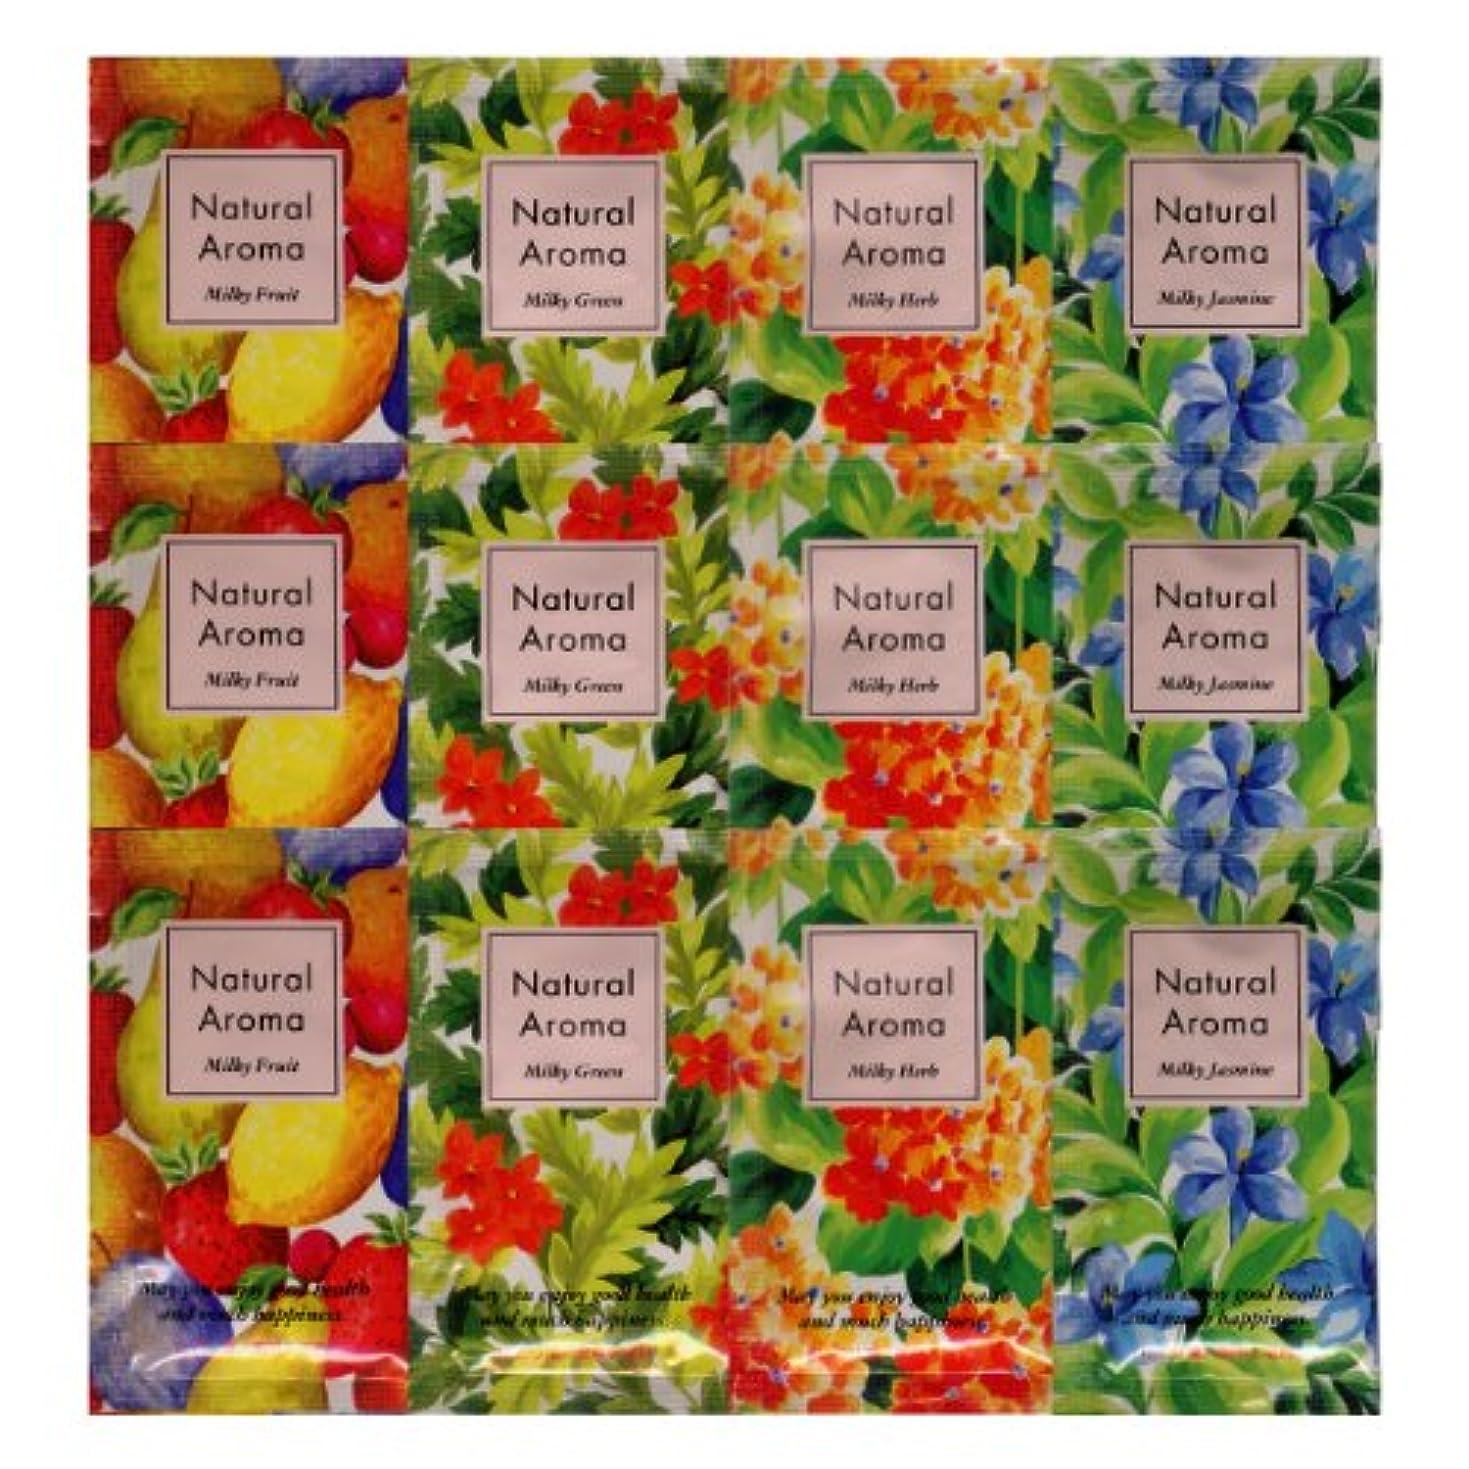 完璧巻き戻す延ばすナチュラルアロマ 入浴剤 ミルキーハーブ 4種類×3 12包セット